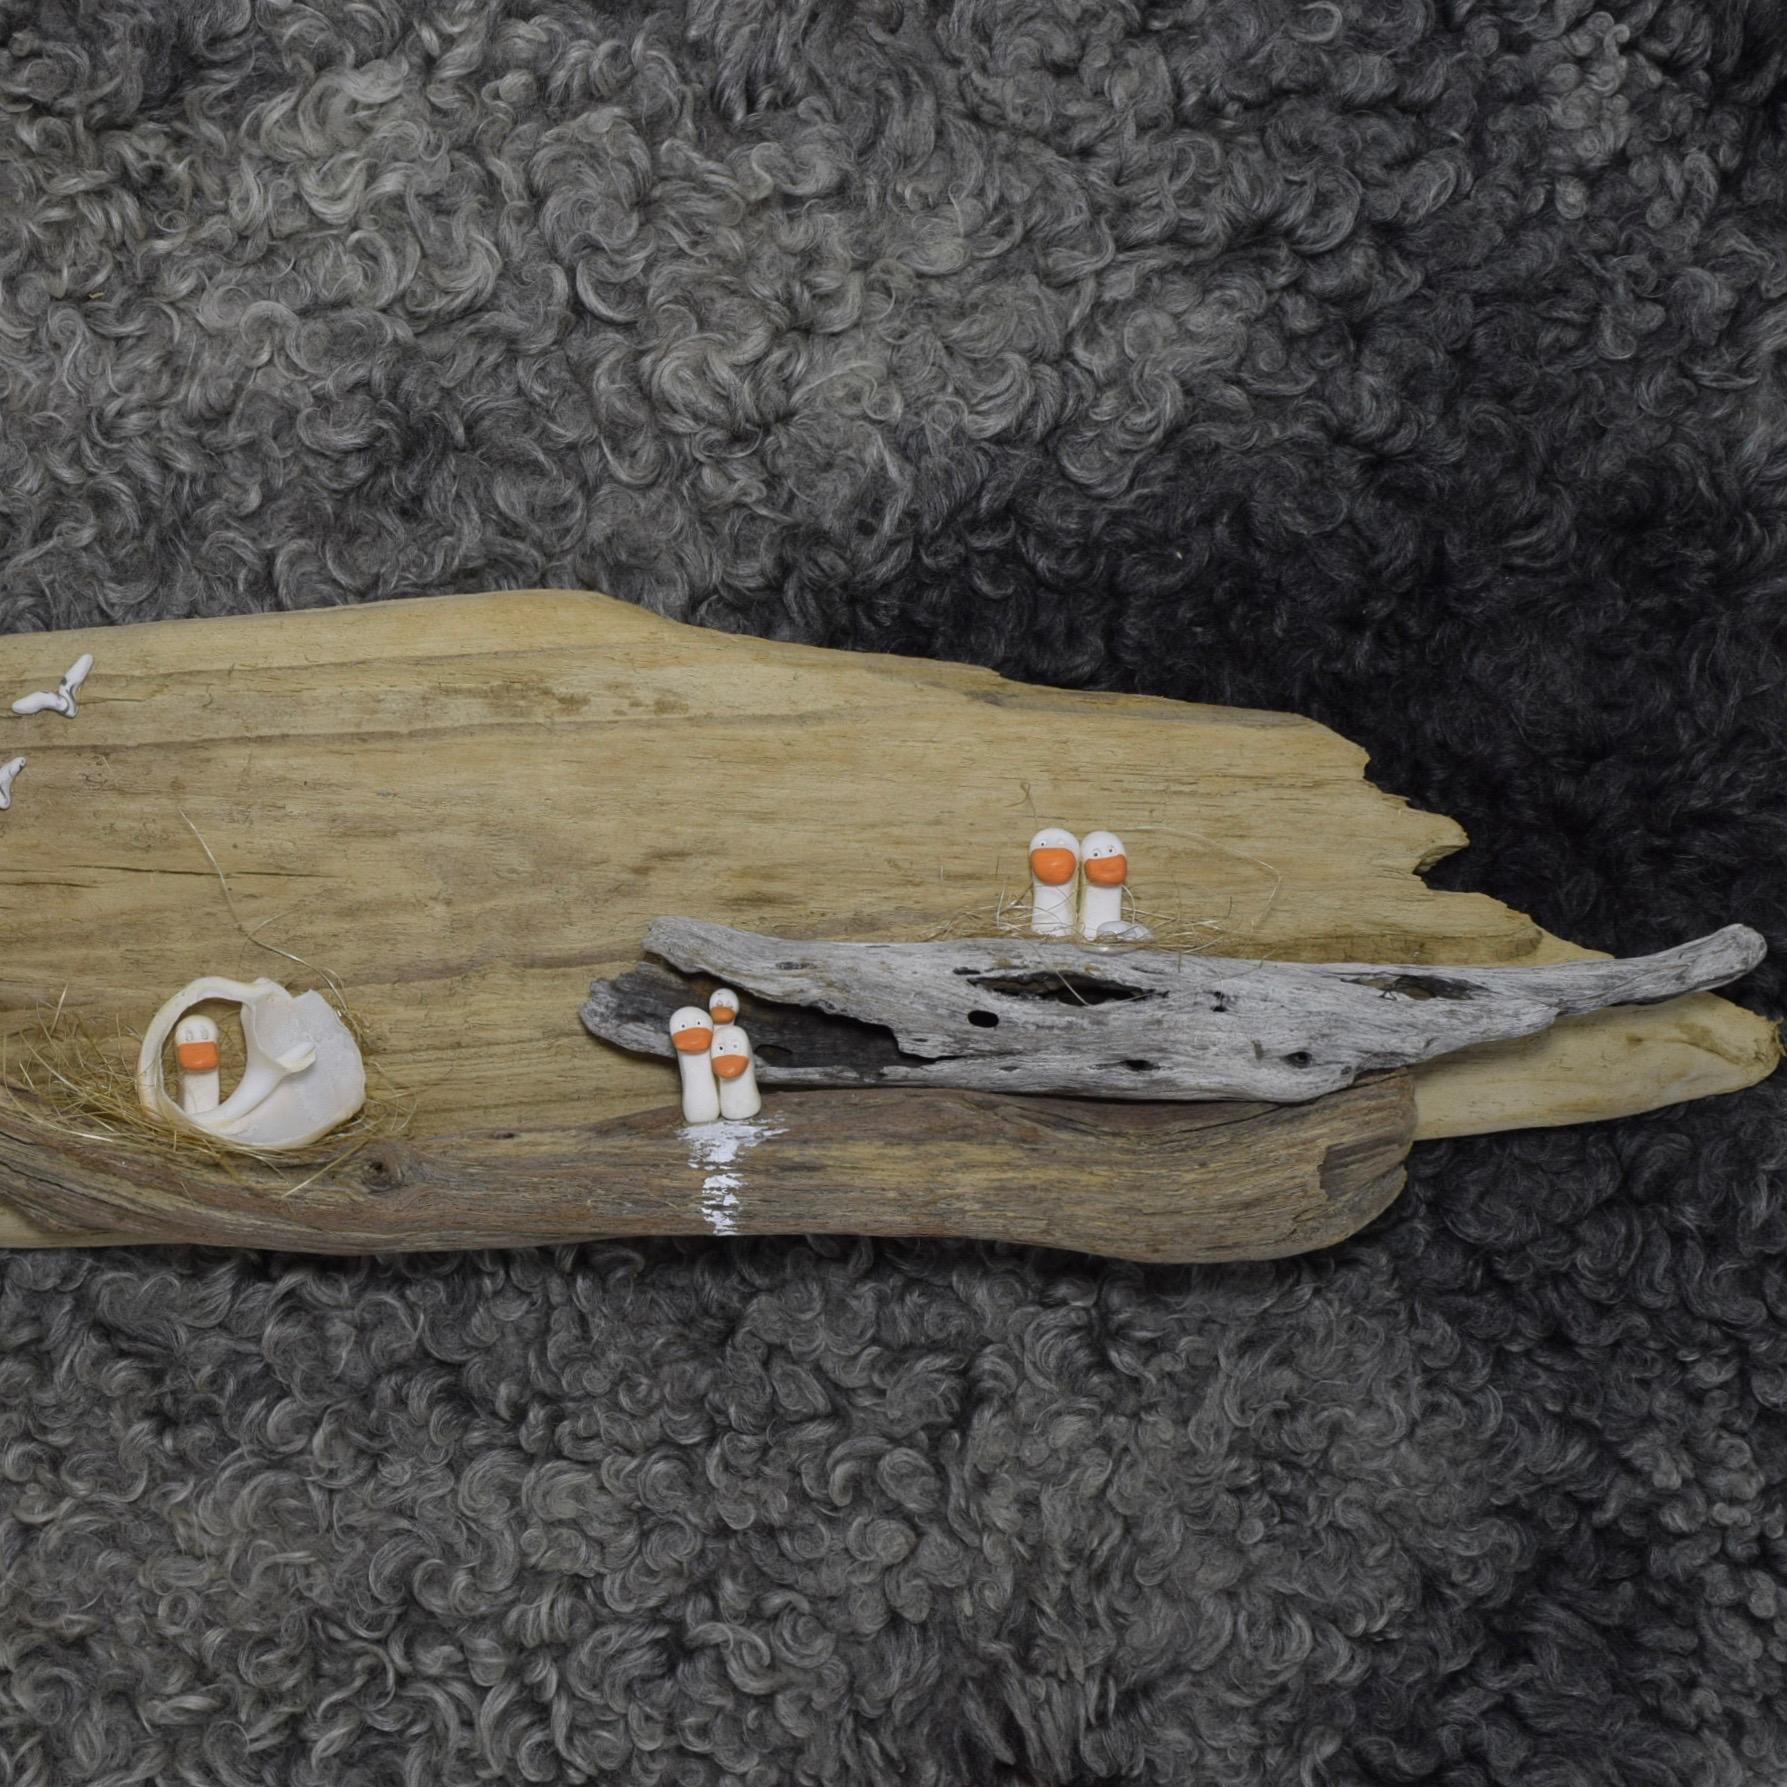 driftwood-art-inspiration